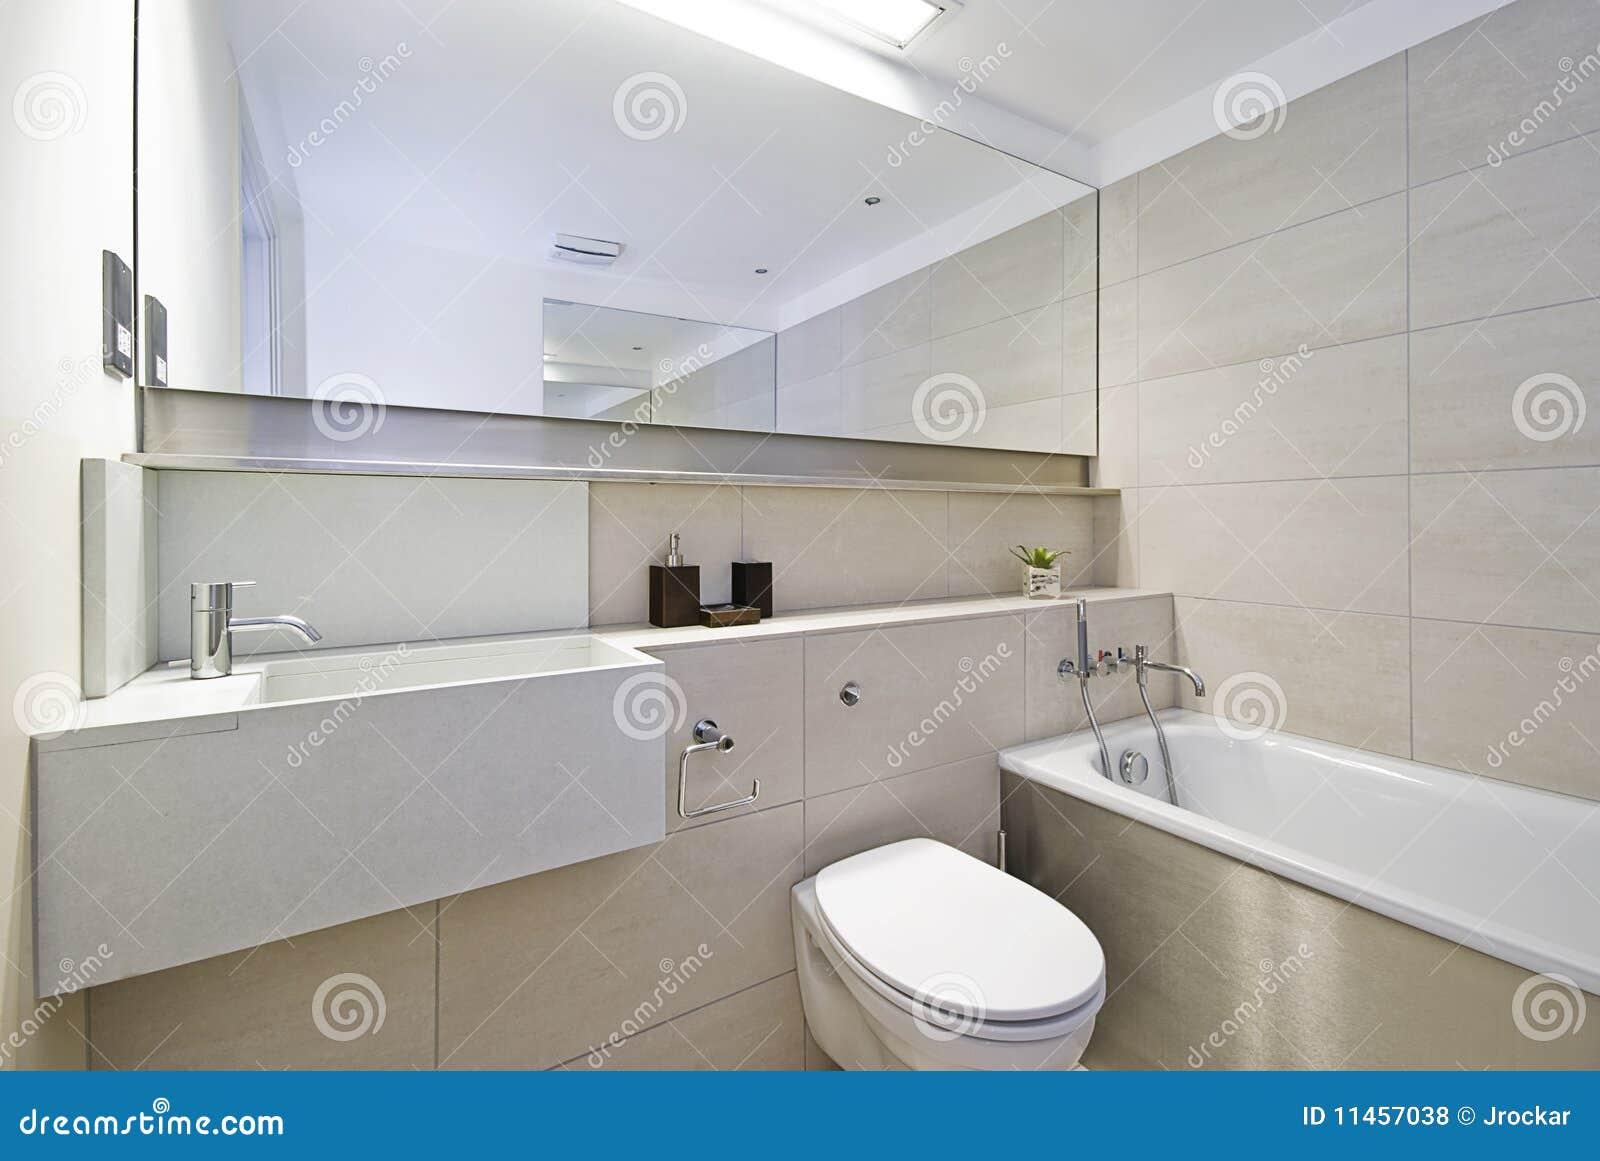 Cuarto de ba o con la esquina de la ducha fotos de archivo - Cuarto de bano con ducha ...